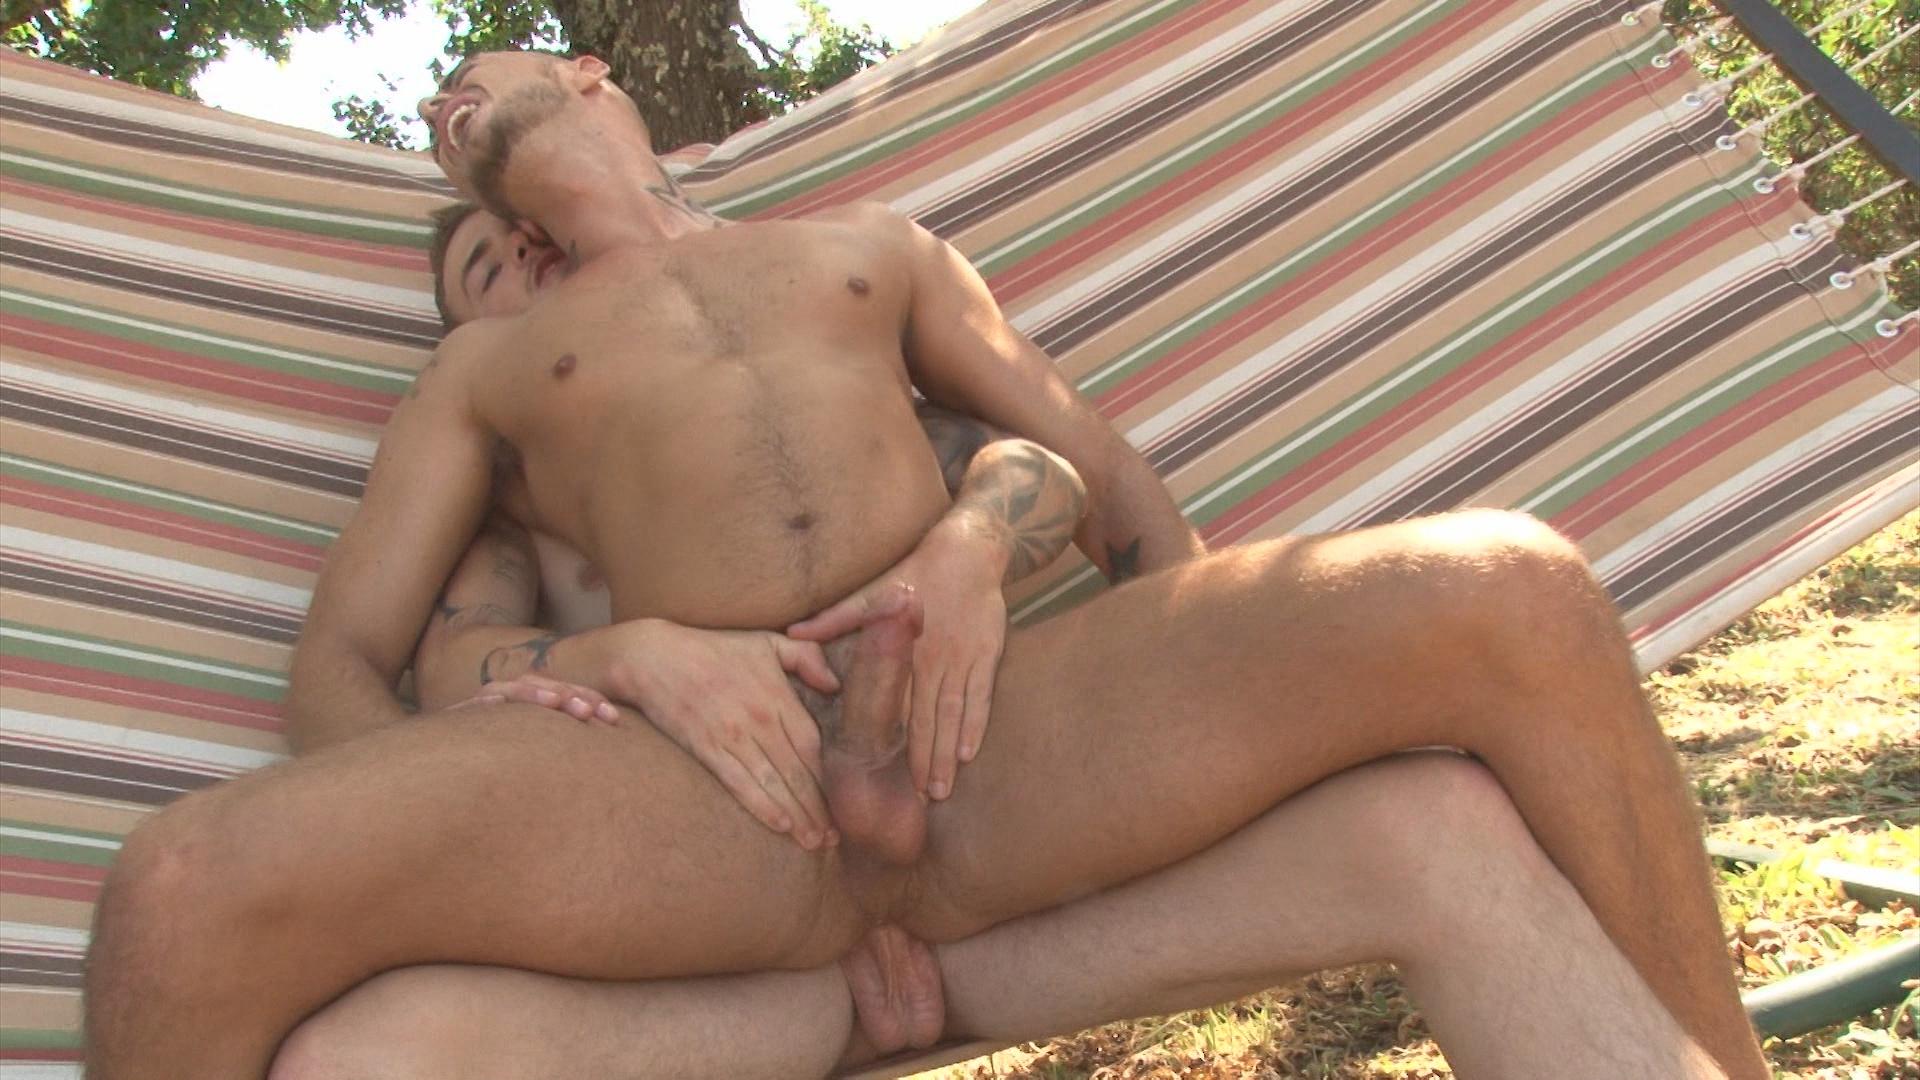 Wilde Road Xvideo gay